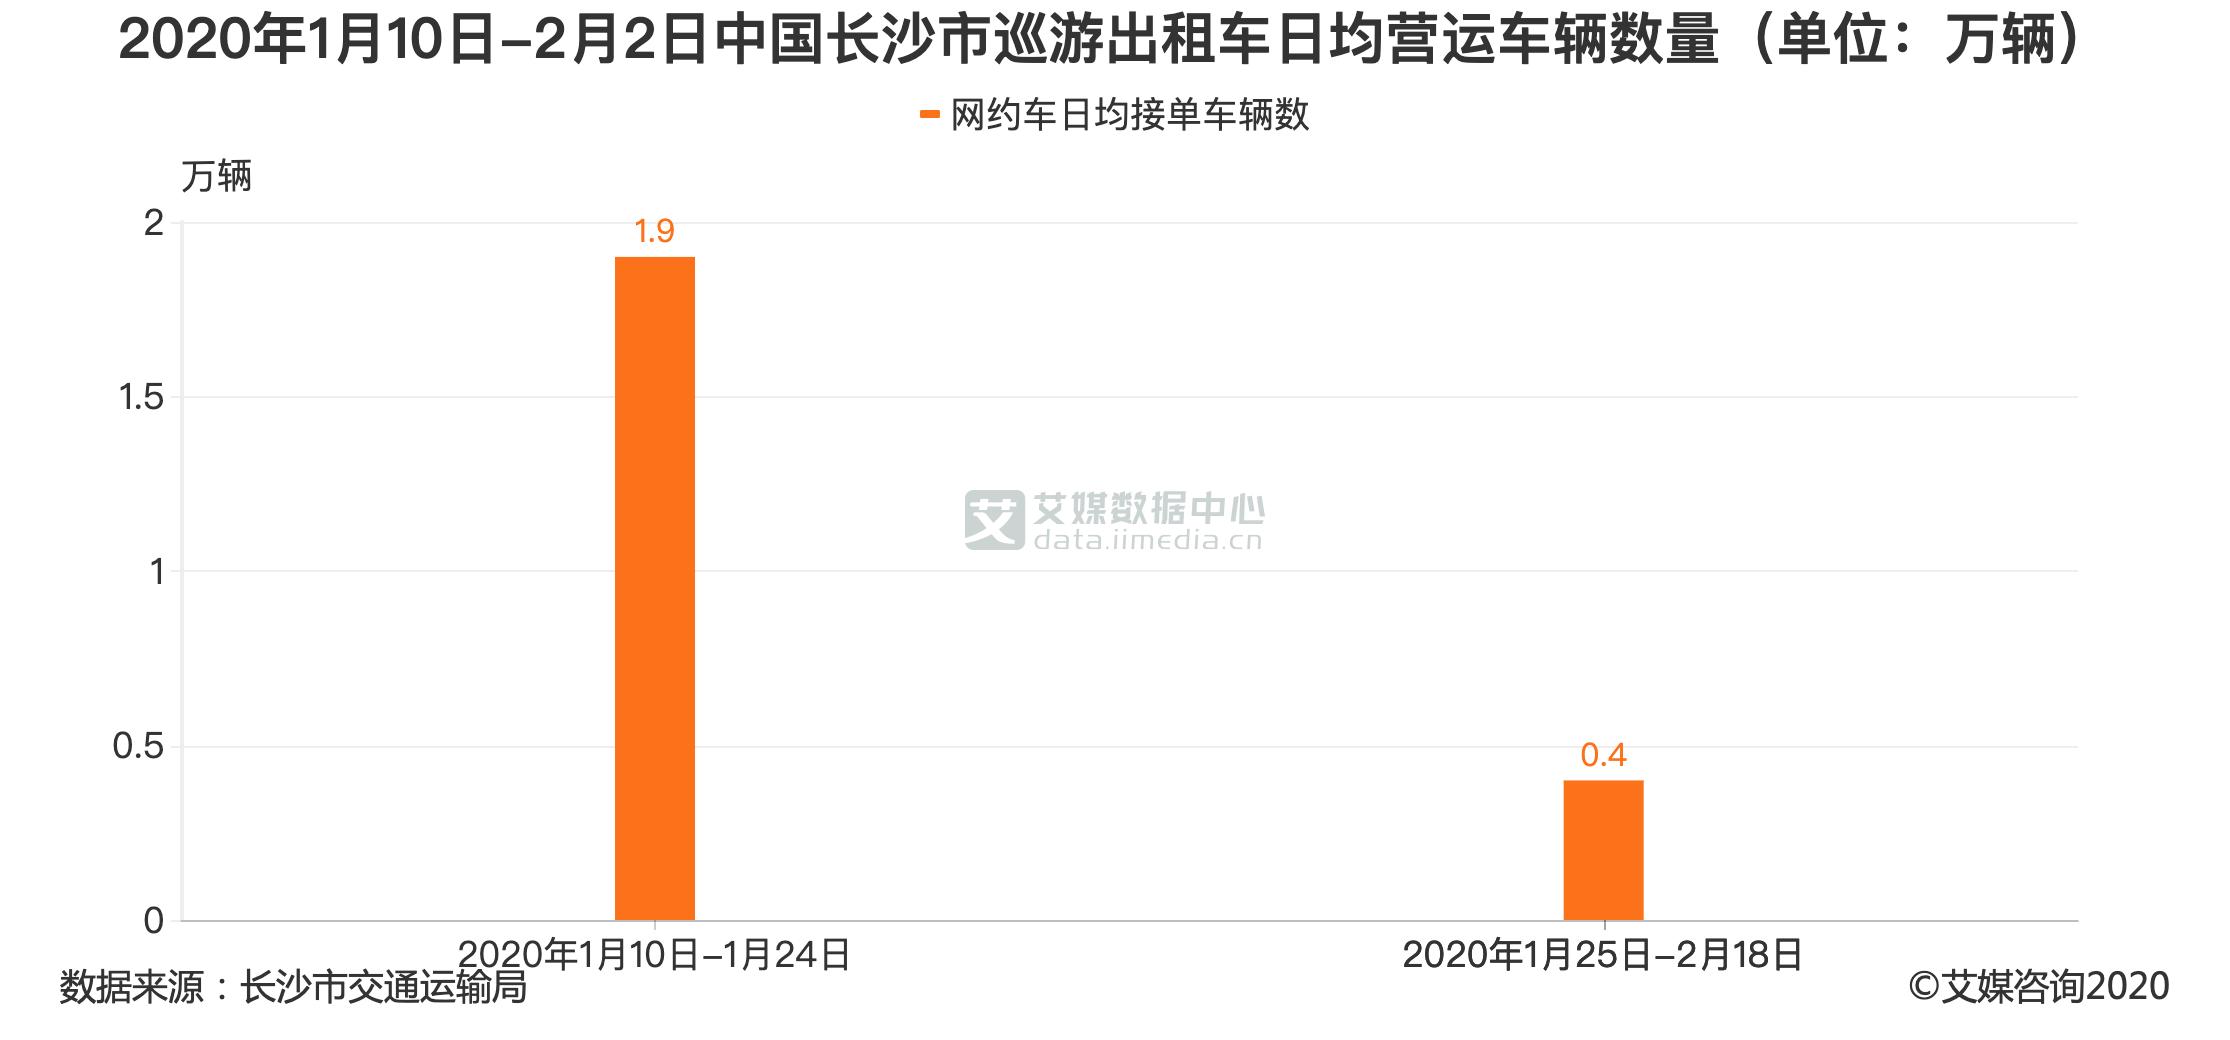 2020年1月10日-2月2日中国长沙市巡游出租车日均营运车辆数量(单位:万辆)